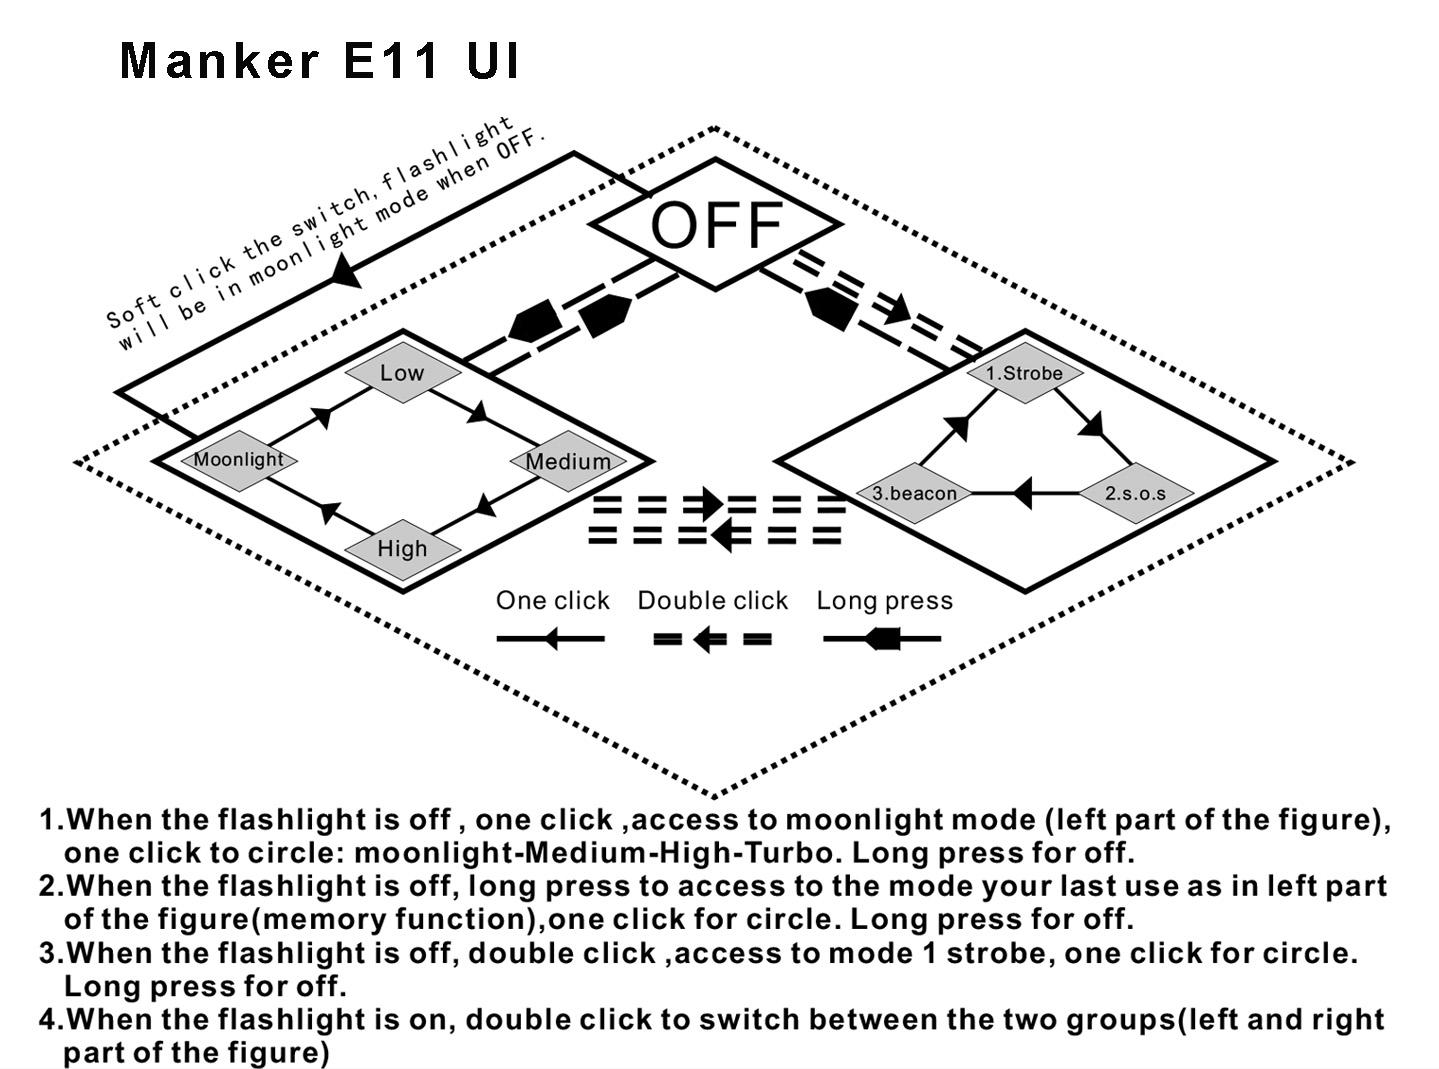 manker-e11-ui.jpg